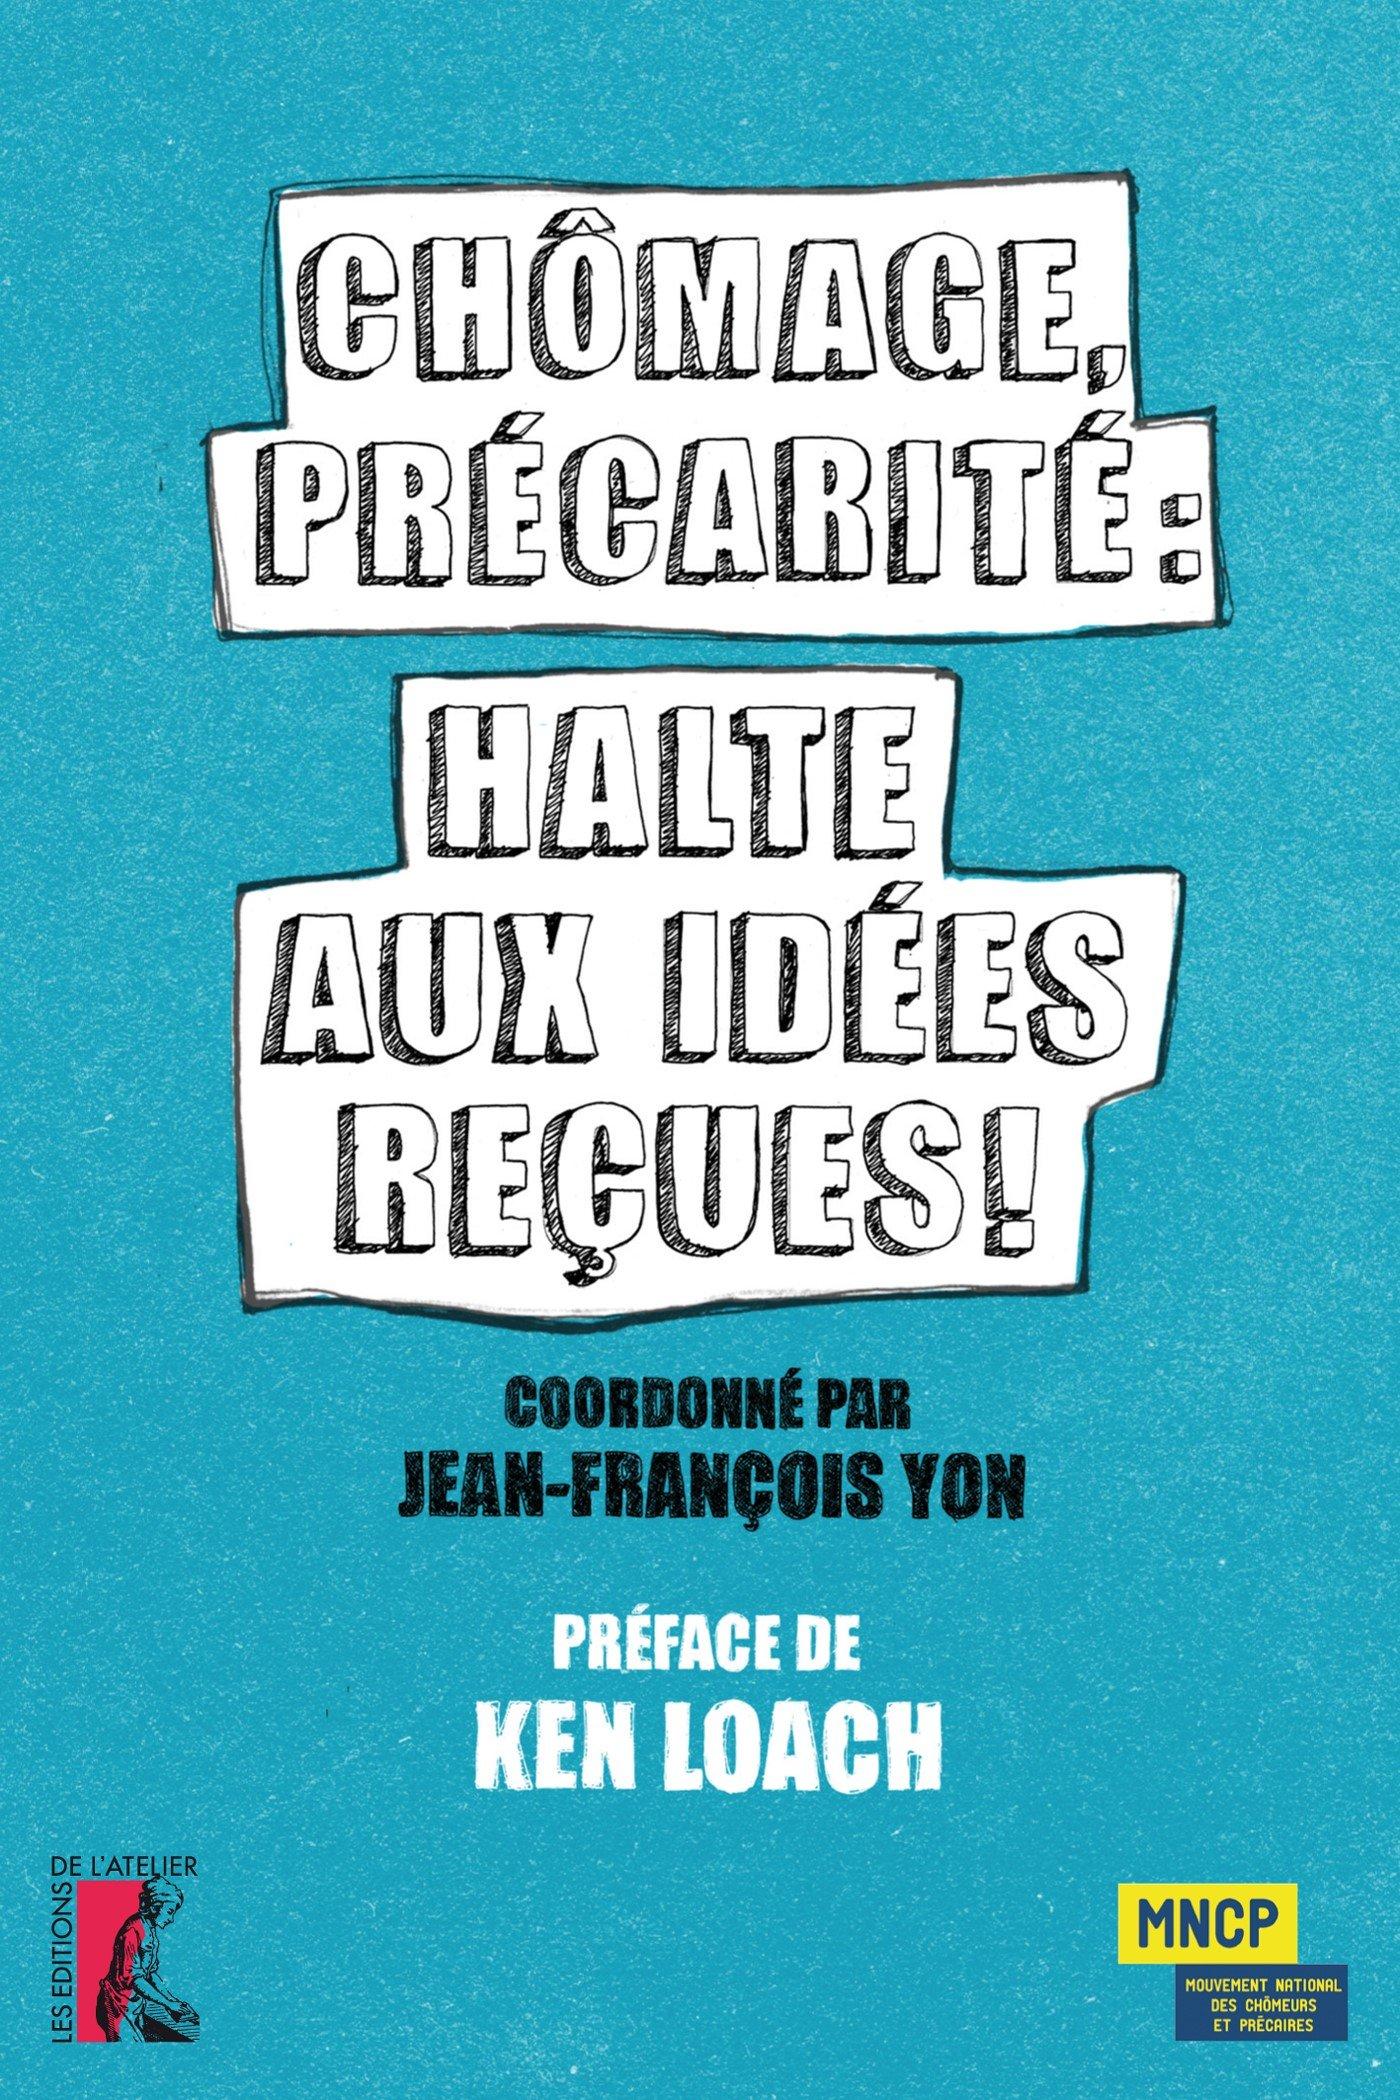 6ec4e88e5aa50 Amazon.fr - Chômage, précarité   halte aux idées reçues ! - Jean-François  Yon, Ken Loach, Agnès Willaume - Livres